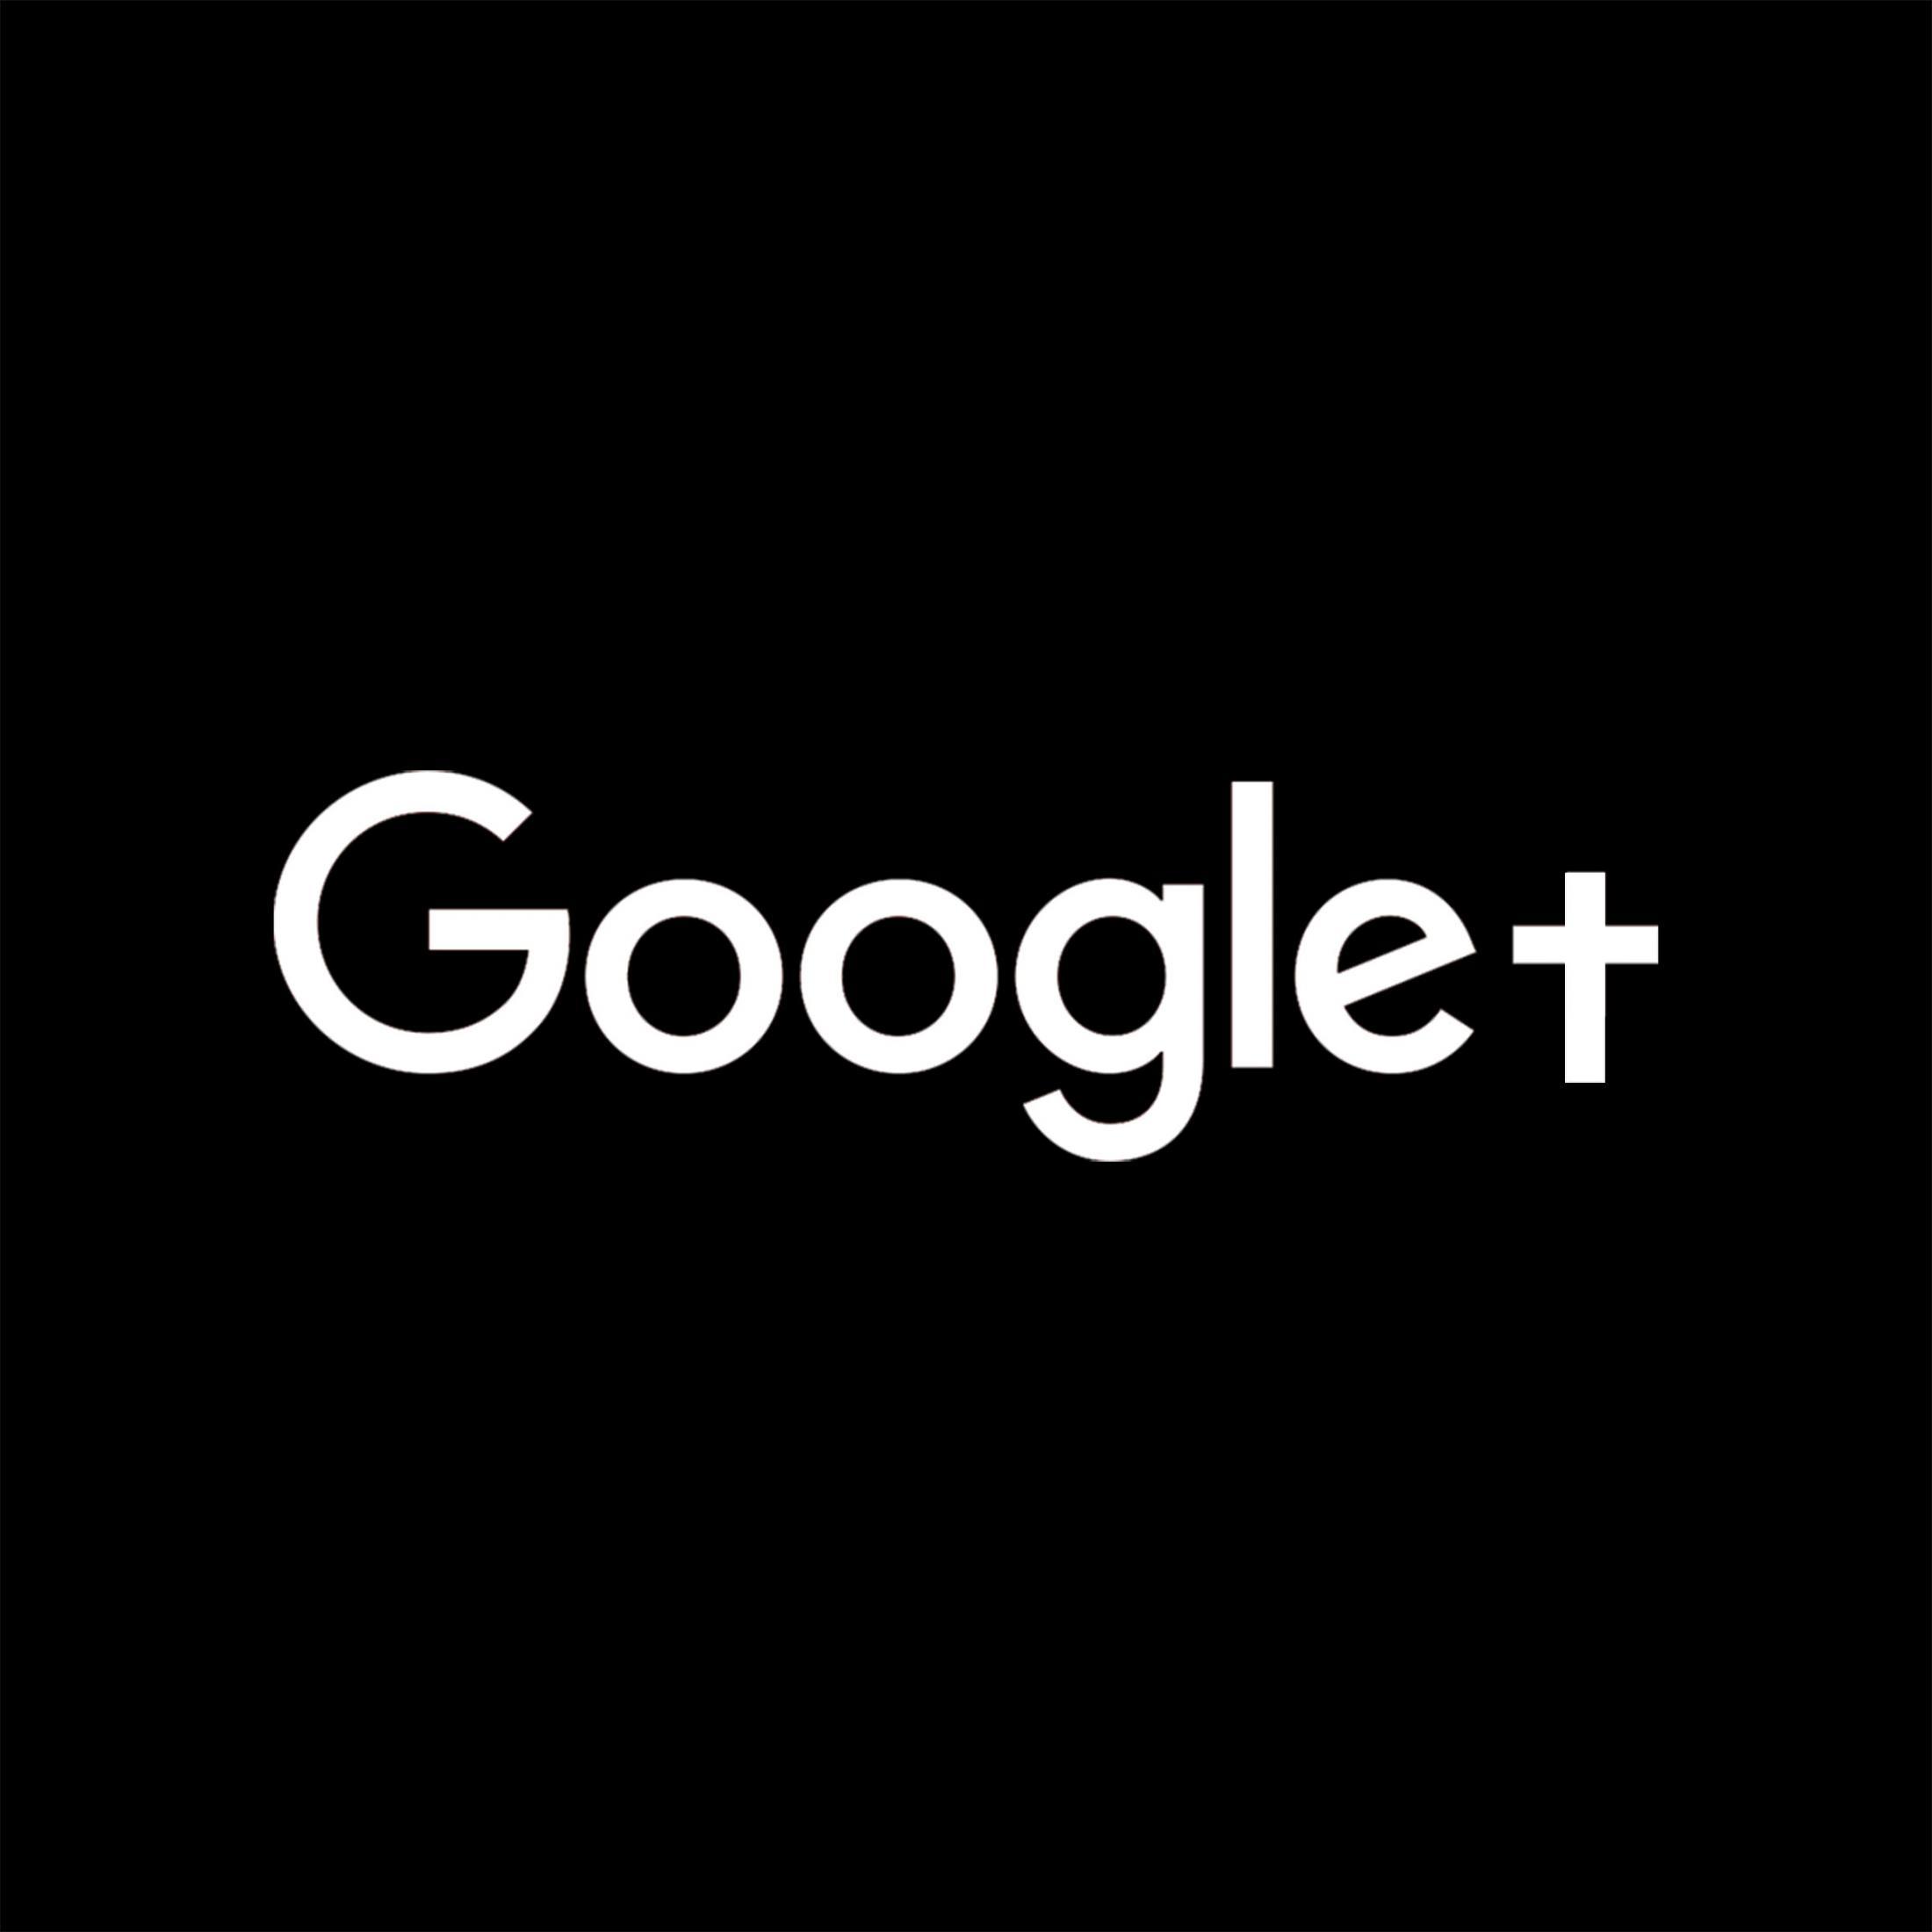 Una agencia digital modificó el logotipo de Google + para homenajear a la red social que cerró definitivamente a principios de abril.